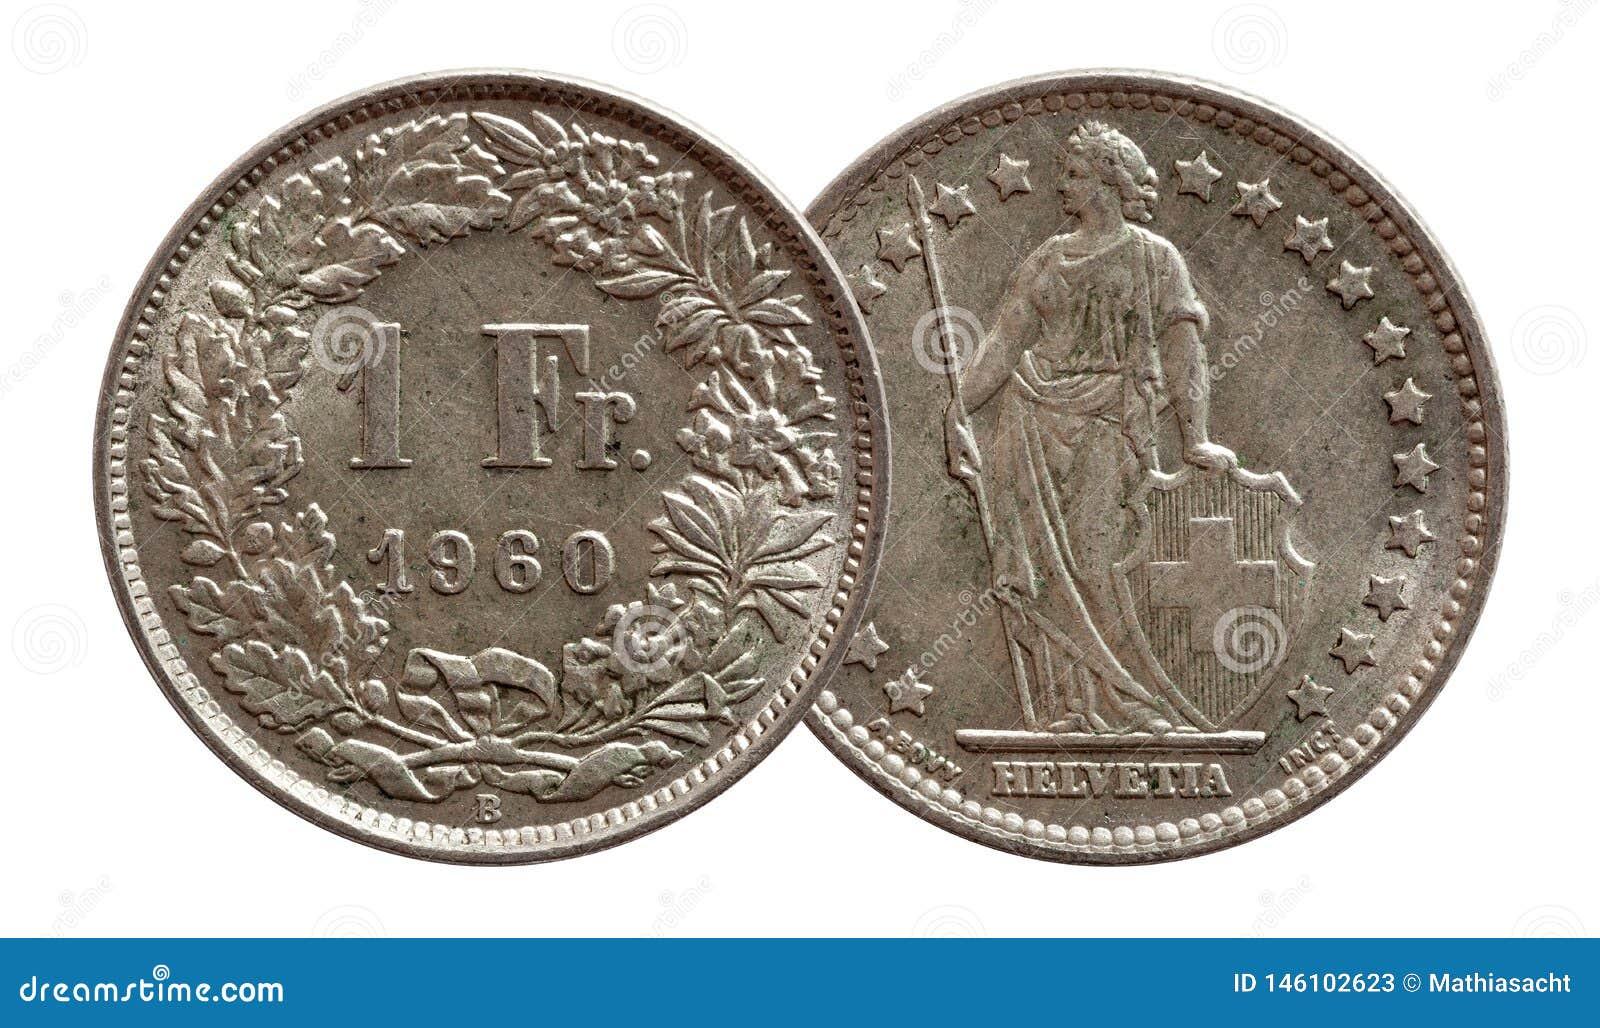 Szwajcaria szwajcara moneta 1 jeden franka 1960 srebro odizolowywający na białym tle